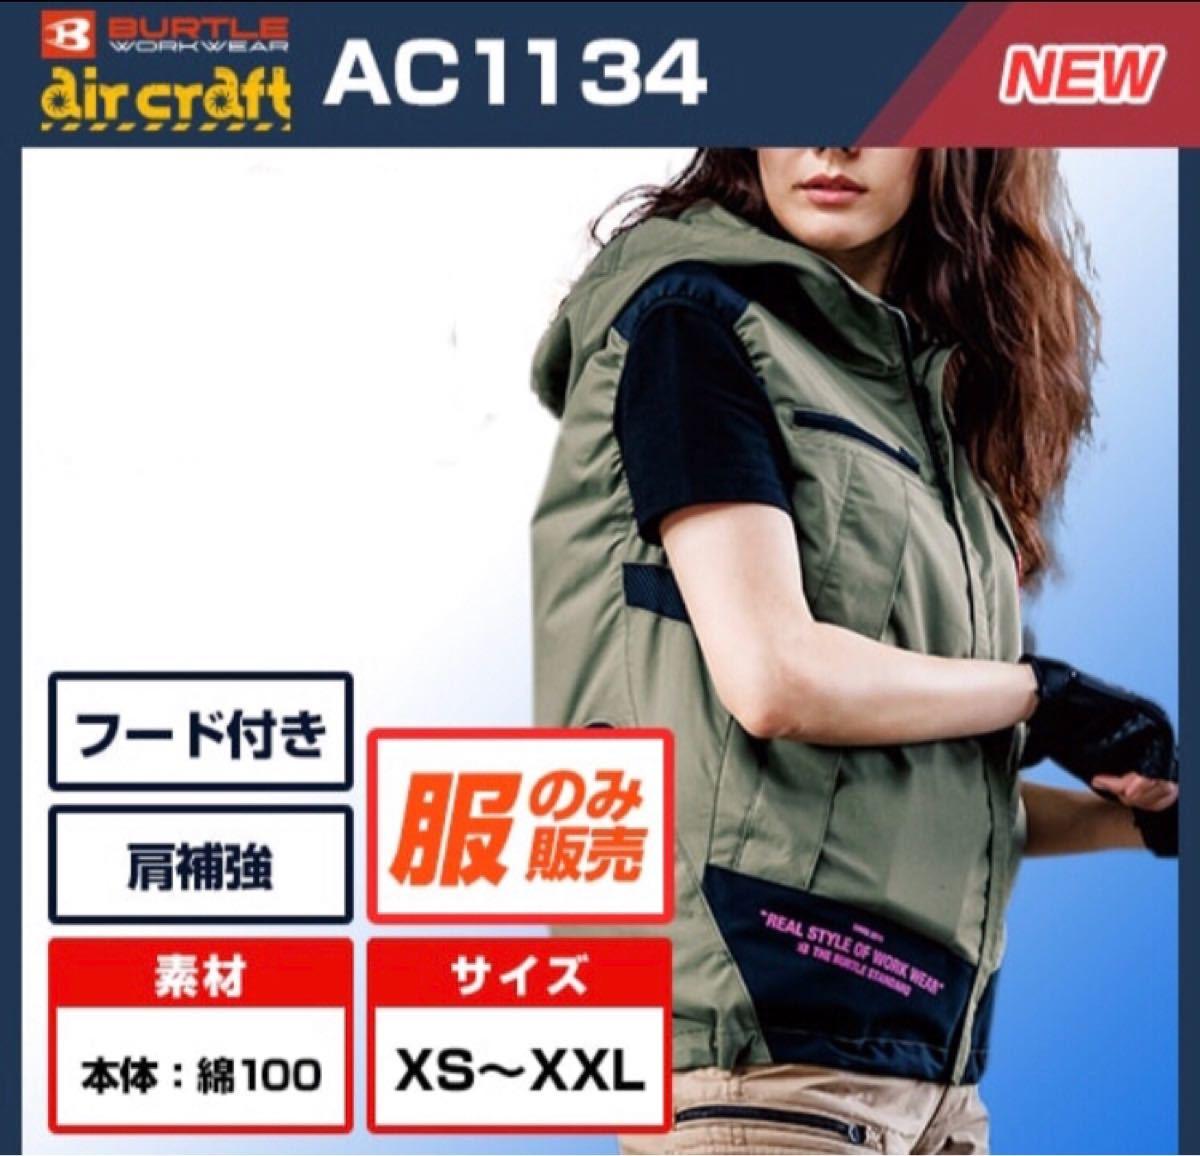 【新品】 バートル エアークラフト 新作 空調服 ベスト ミルスグリーン L